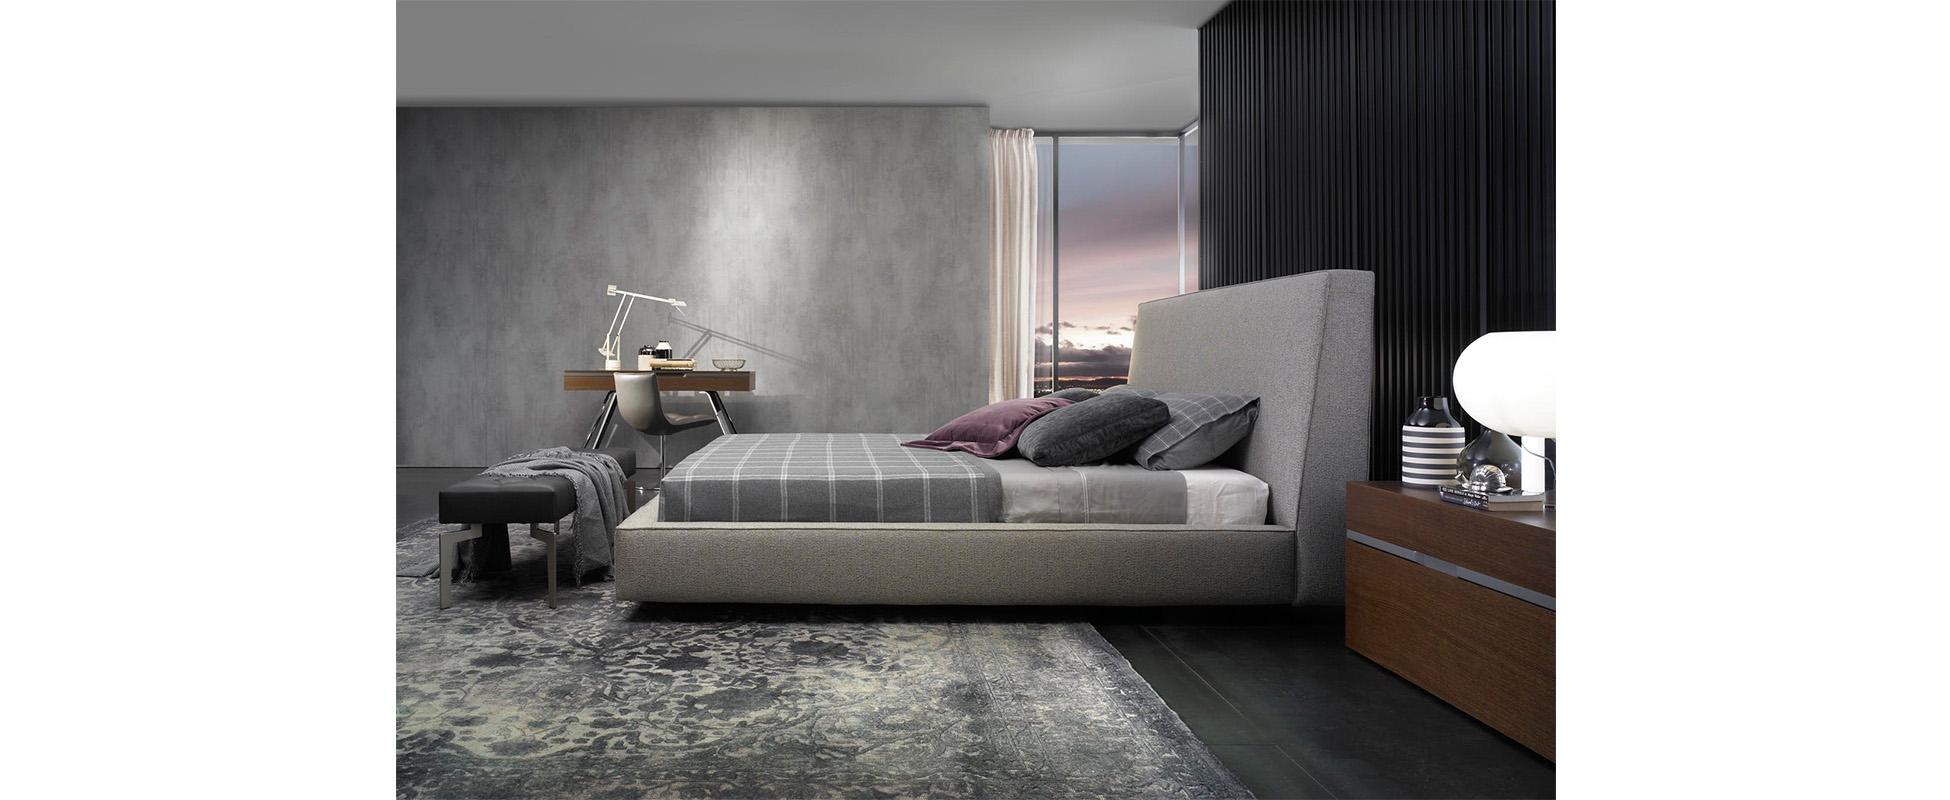 flavio bed 2